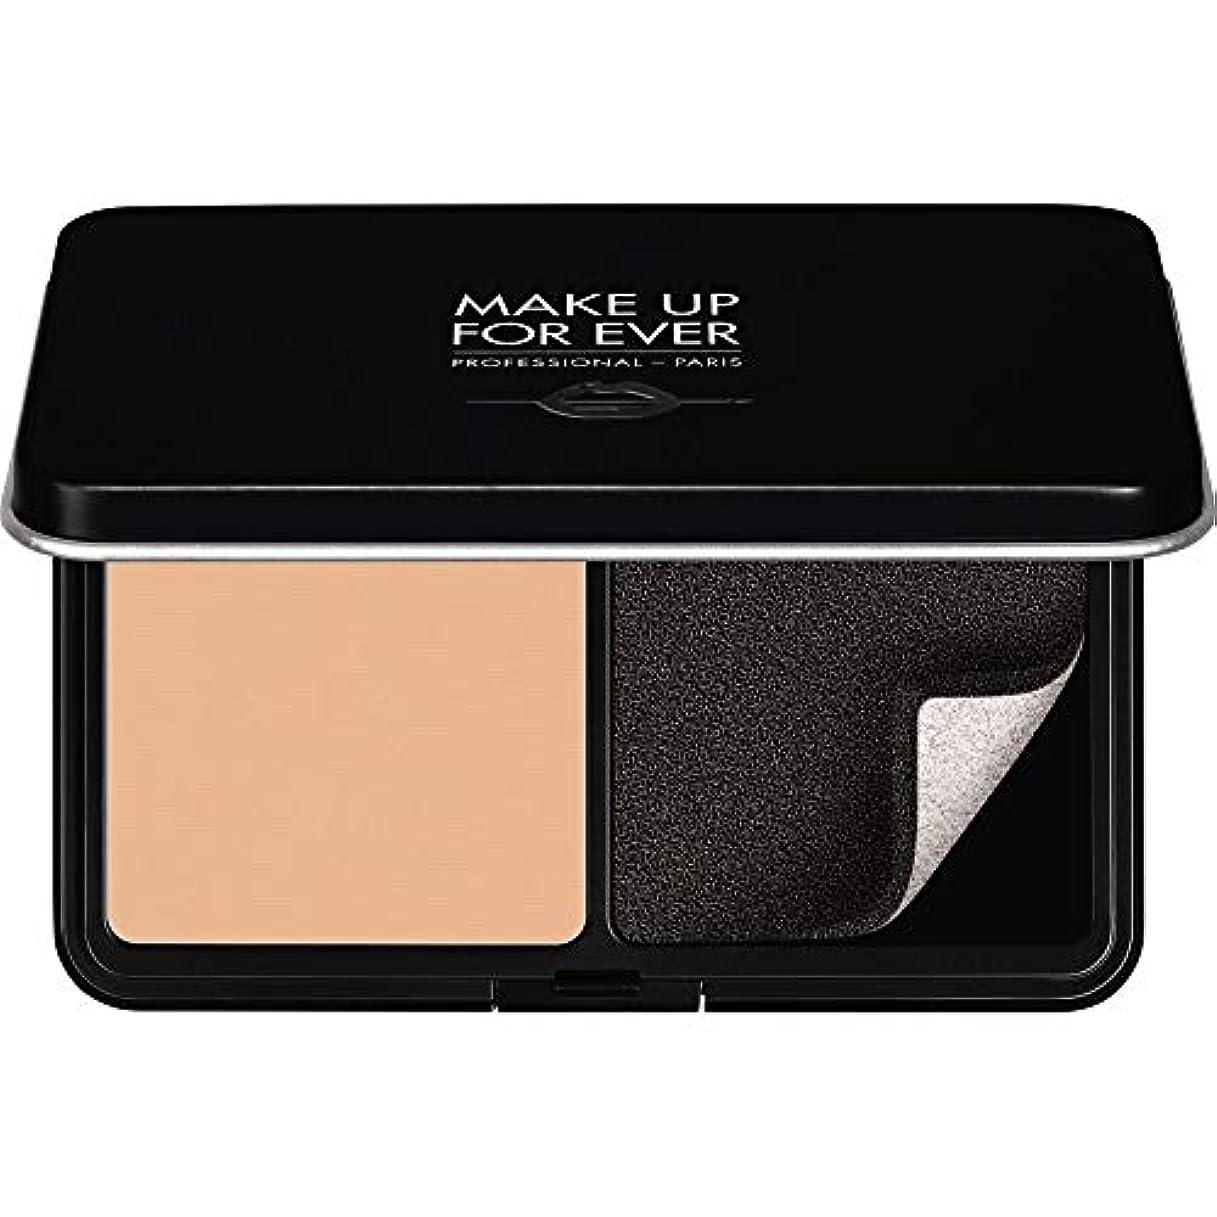 瞑想的高架正確に[MAKE UP FOR EVER ] パウダーファンデーション11GののR230をぼかし、これまでマットベルベットの肌を補う - アイボリー - MAKE UP FOR EVER Matte Velvet Skin Blurring Powder Foundation 11g R230 - Ivory [並行輸入品]